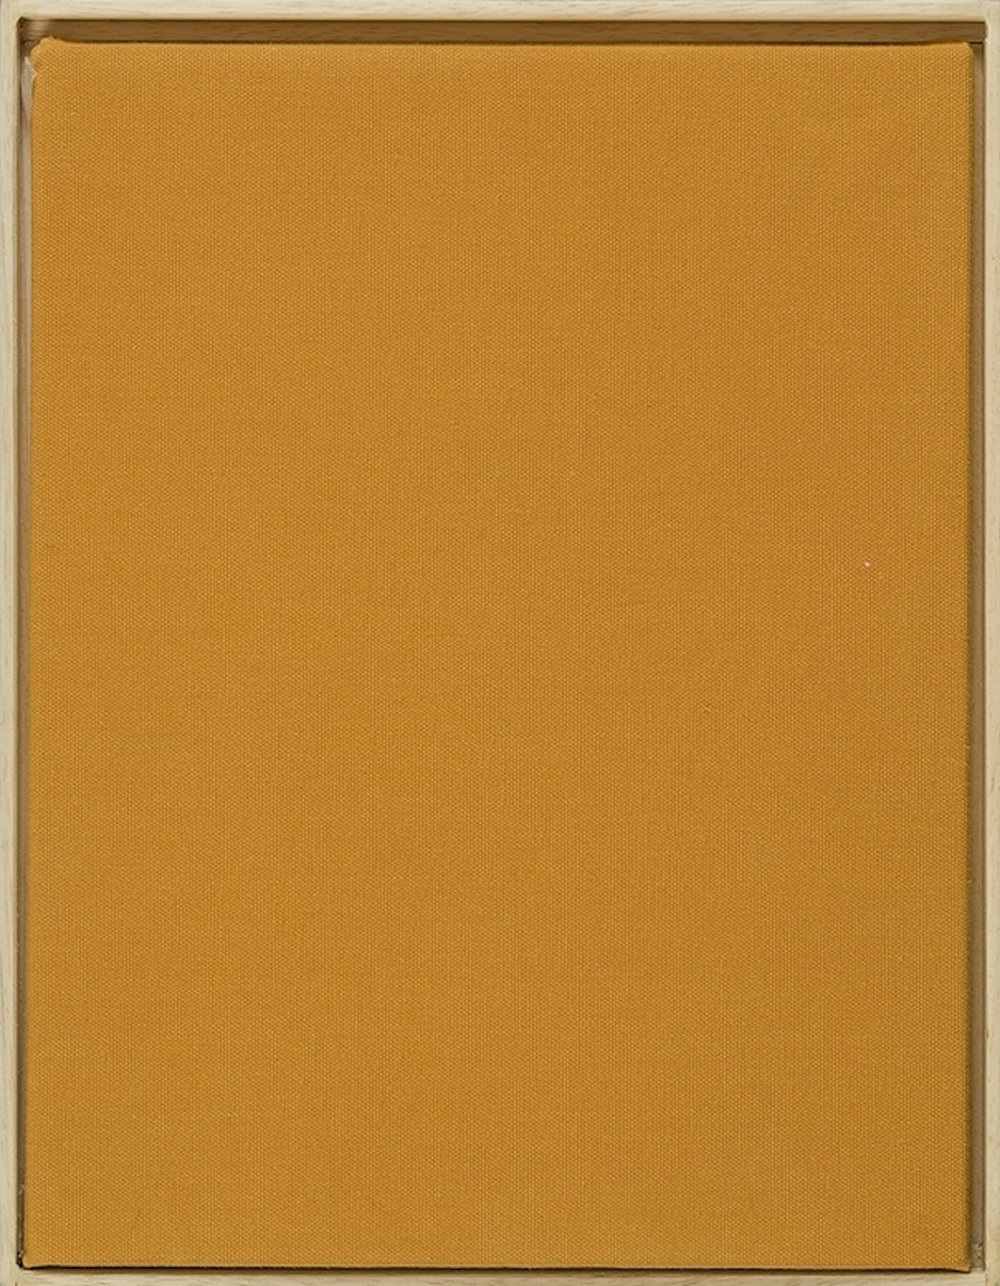 Werkhandlung 1, Der 1. Werksatz 1 | 2002 | Multiple einer Textilarbeit mit Videotape in Holzbox, mit Handzeichnung und Farbfoto in Pergaminhülle | 33 x 26 x 6 cm